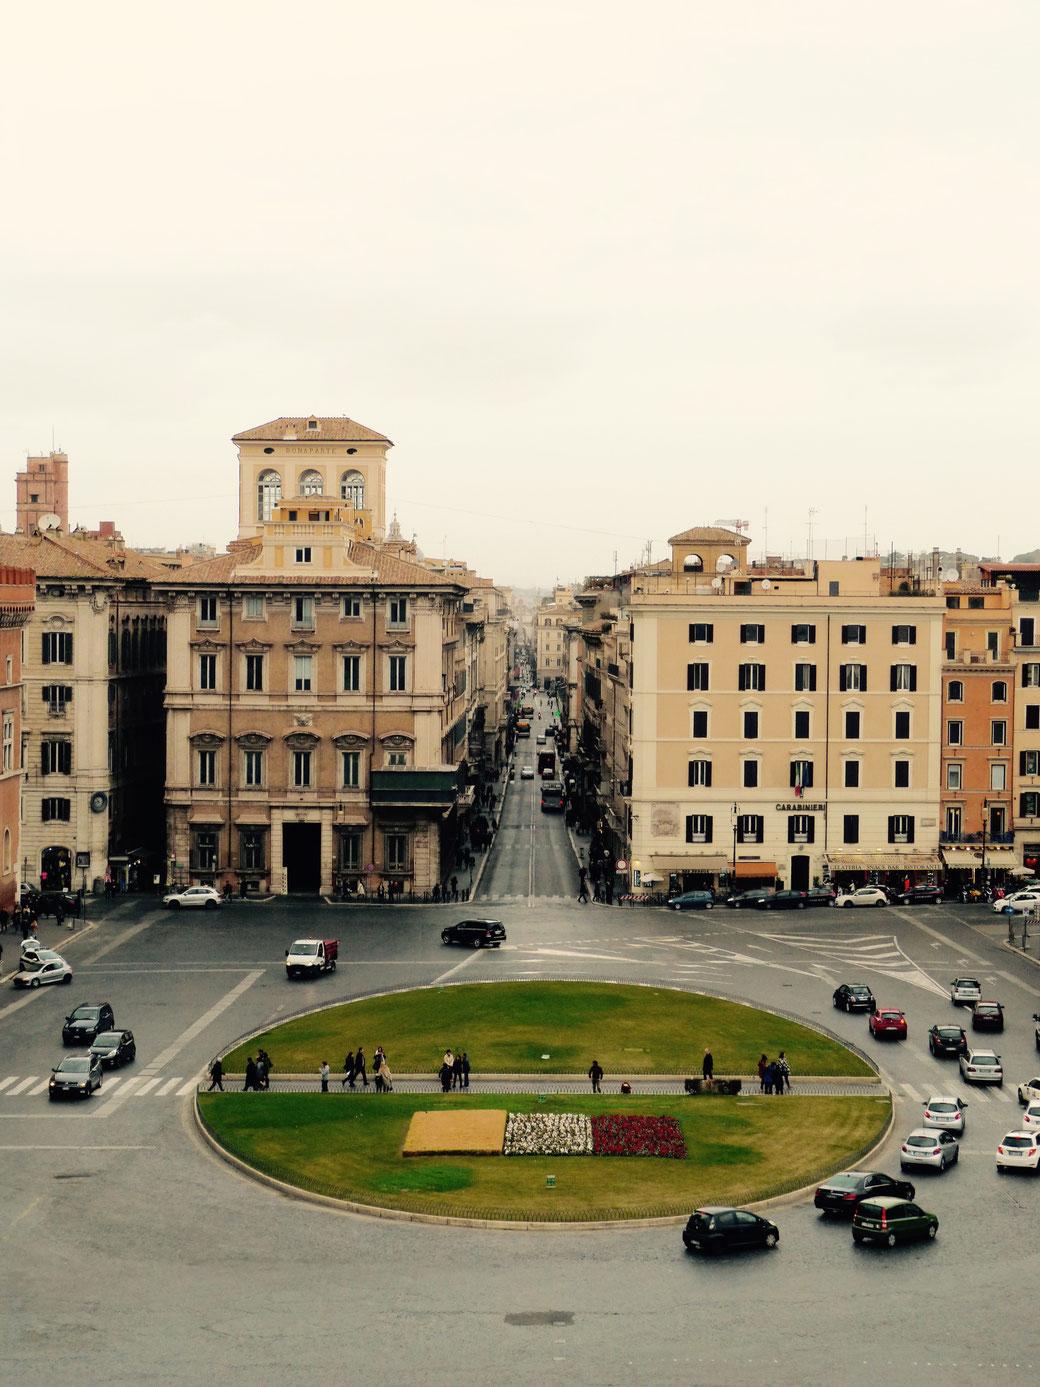 Der Palazzo Bonaparte (links) liegt an der Piazza Venezia und öffnet ab dem 6. Oktober 2019 seine Pforten für die Öffentlichkeit.